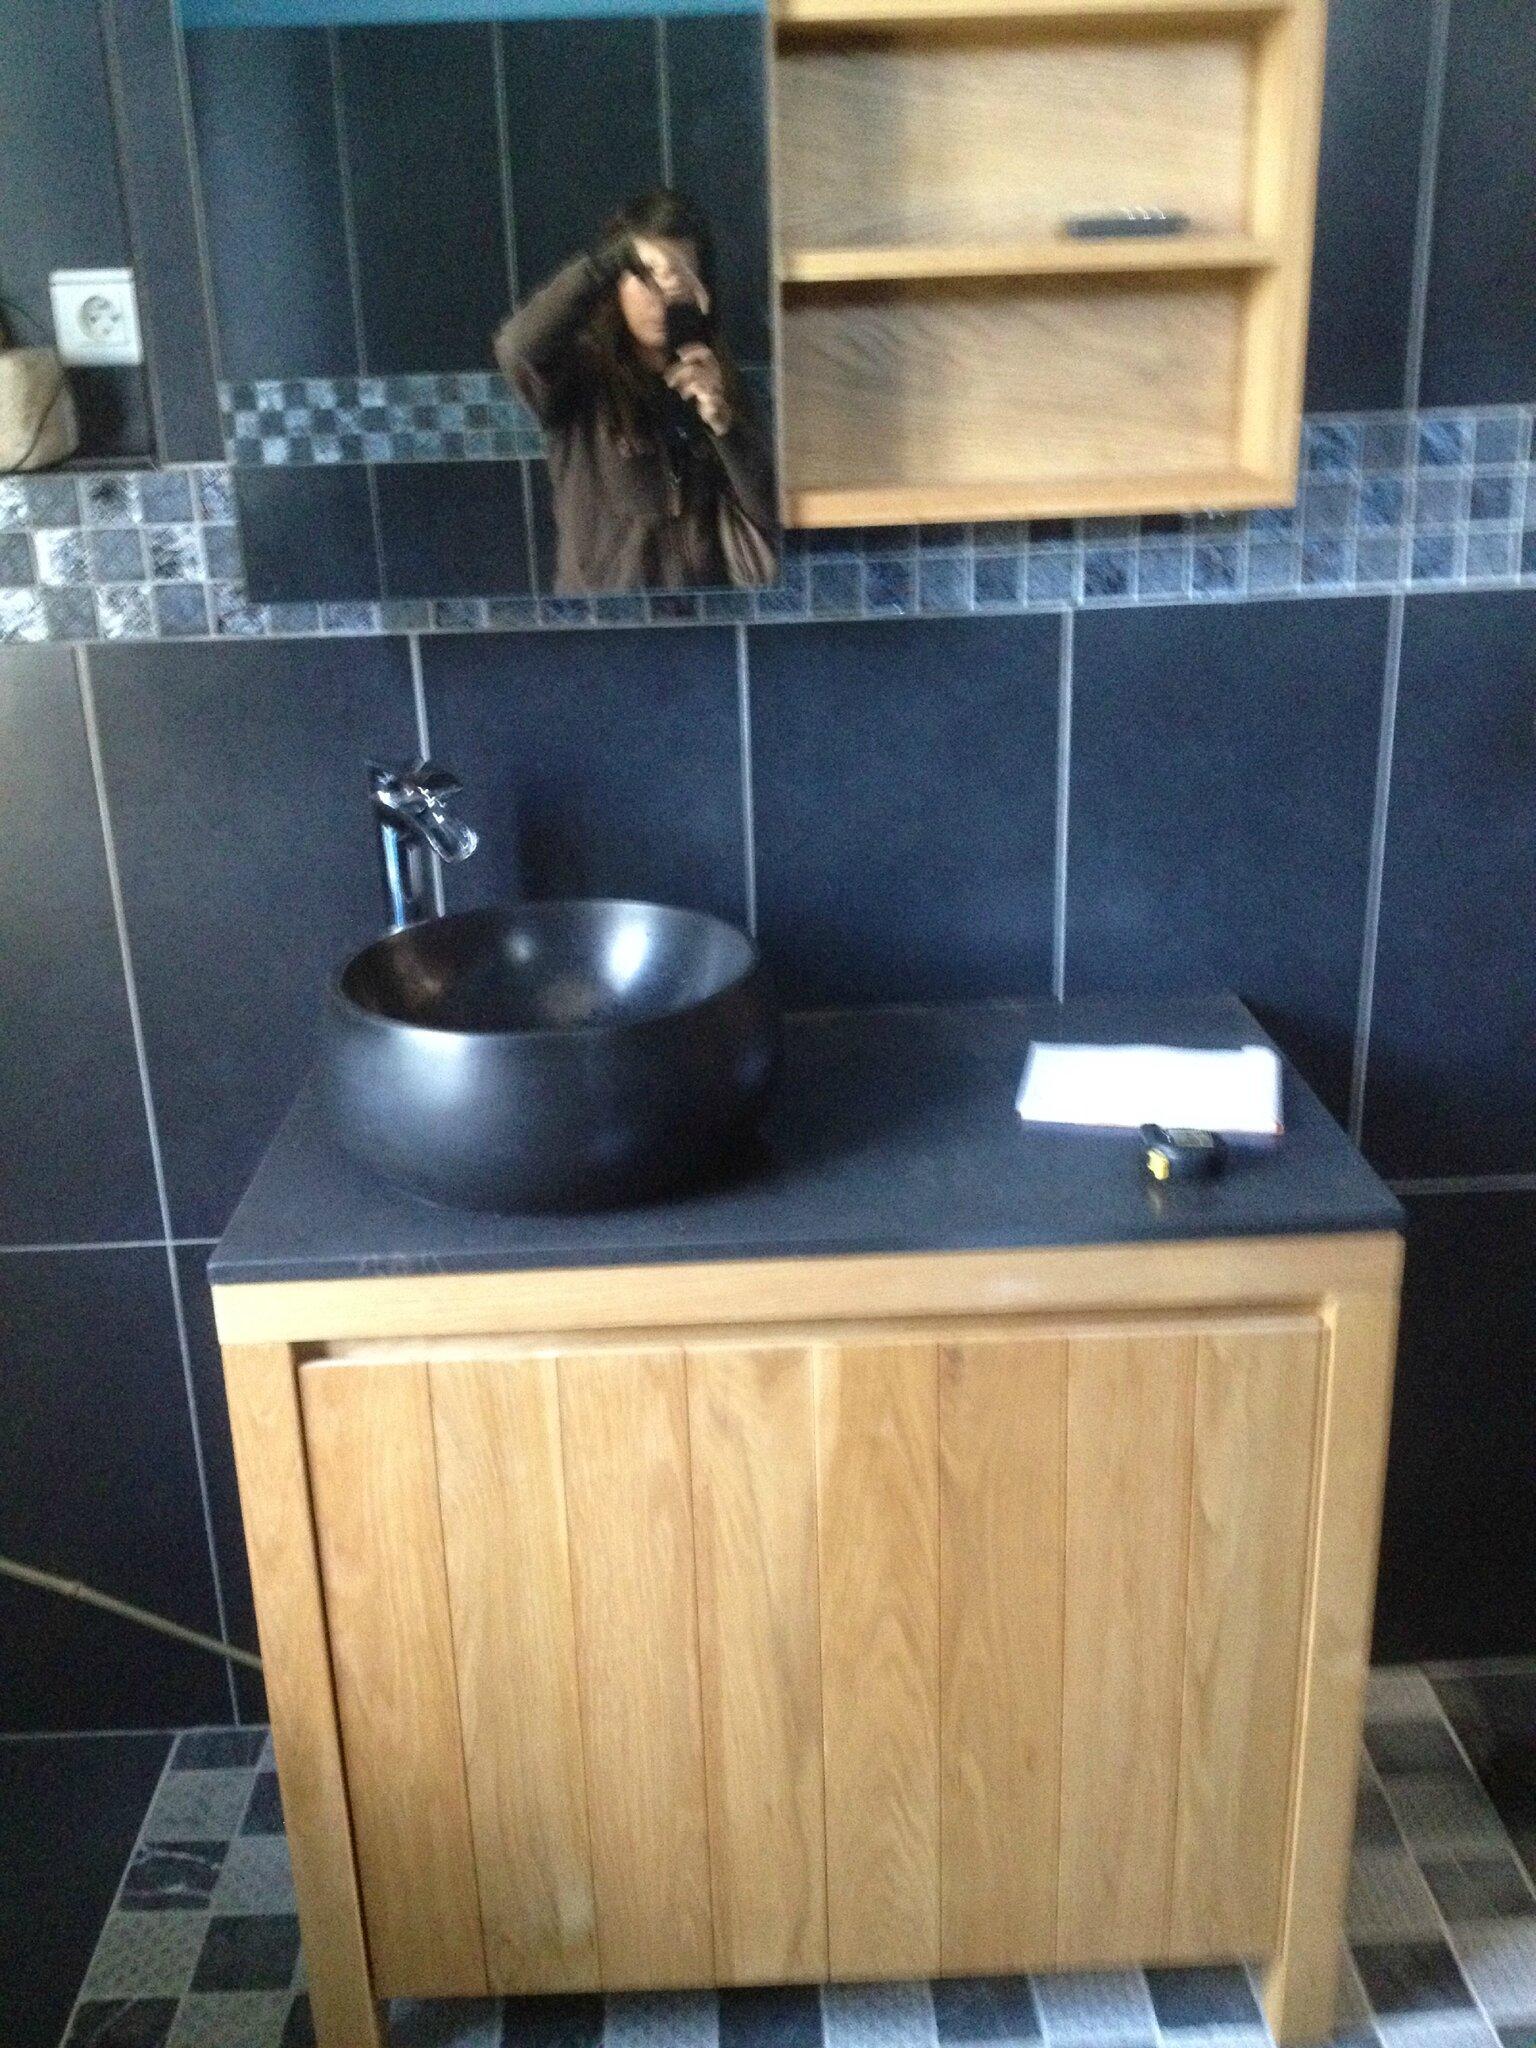 la salle de bains du rdc l 39 espace la clart et la douceur retrouv e la maison de lilly. Black Bedroom Furniture Sets. Home Design Ideas